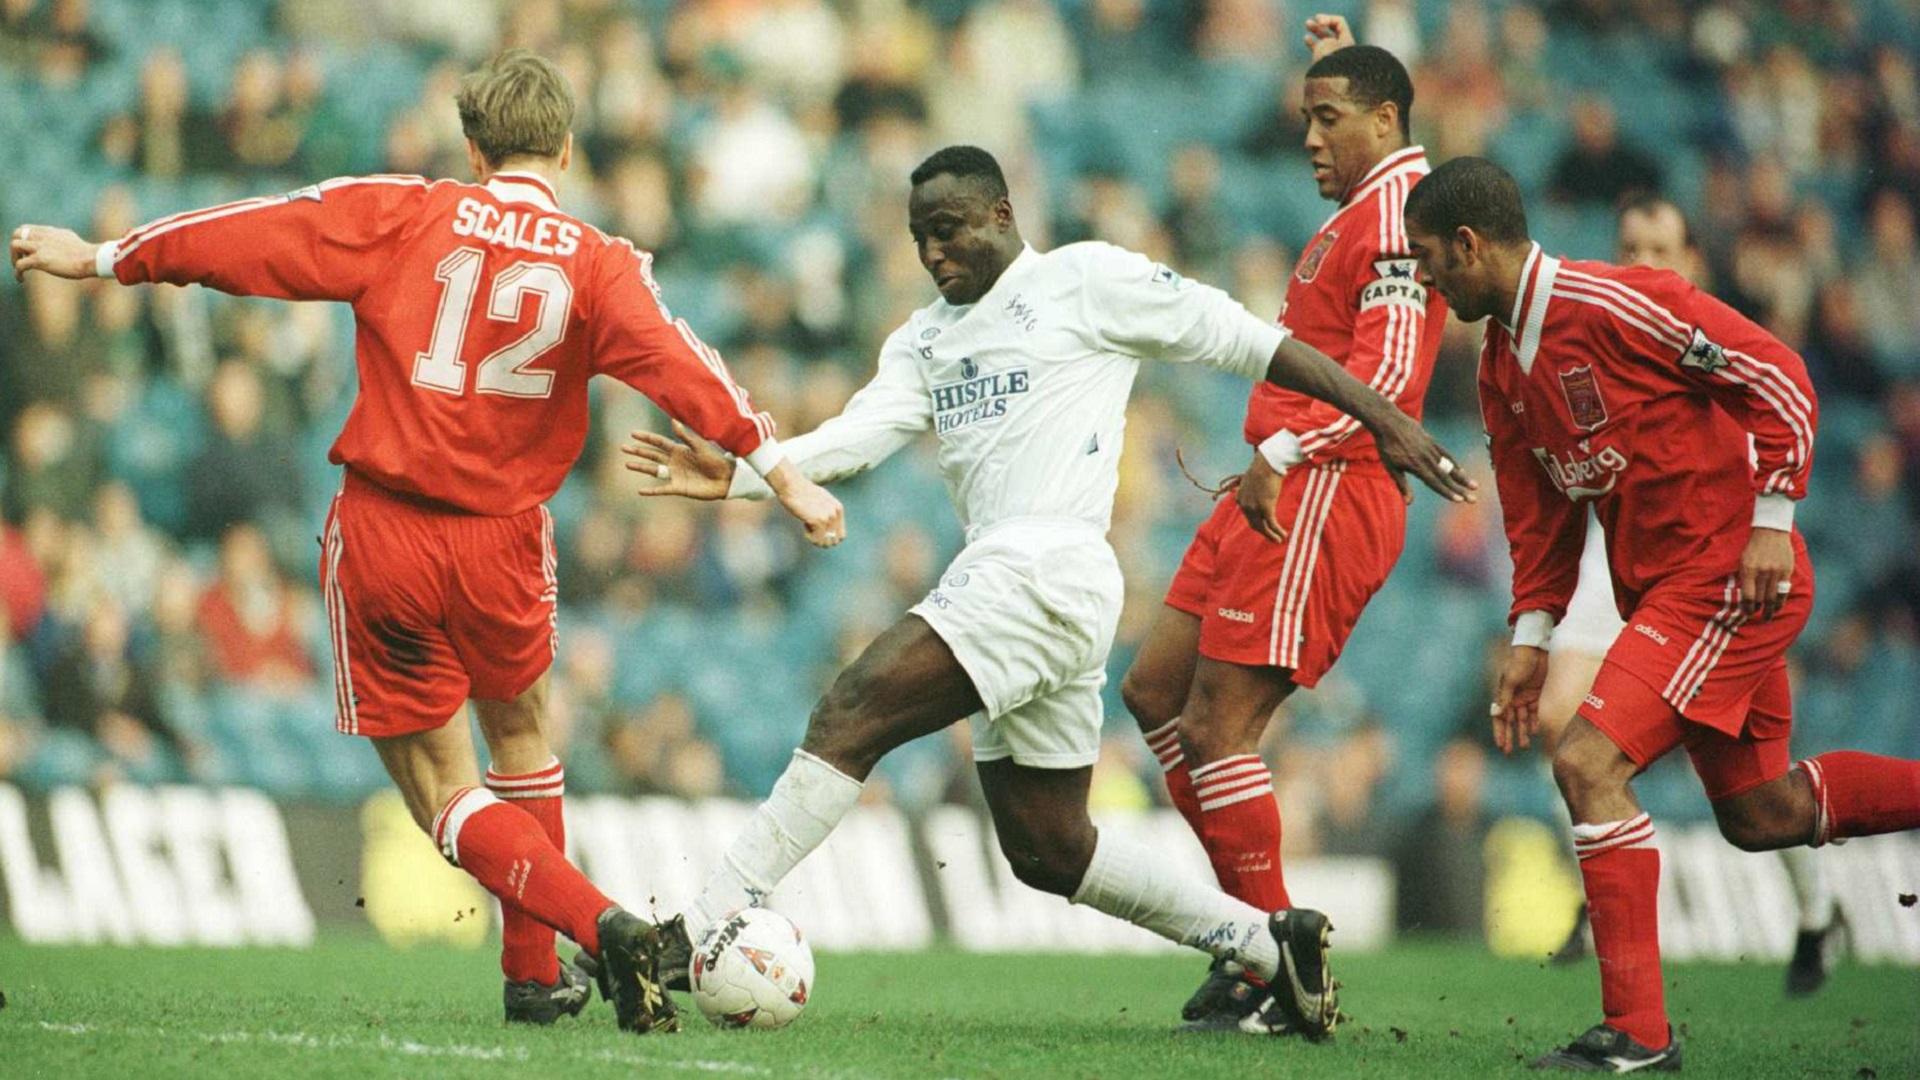 Bamford joins Ghana legend Tony Yeboah on coveted Leeds United list